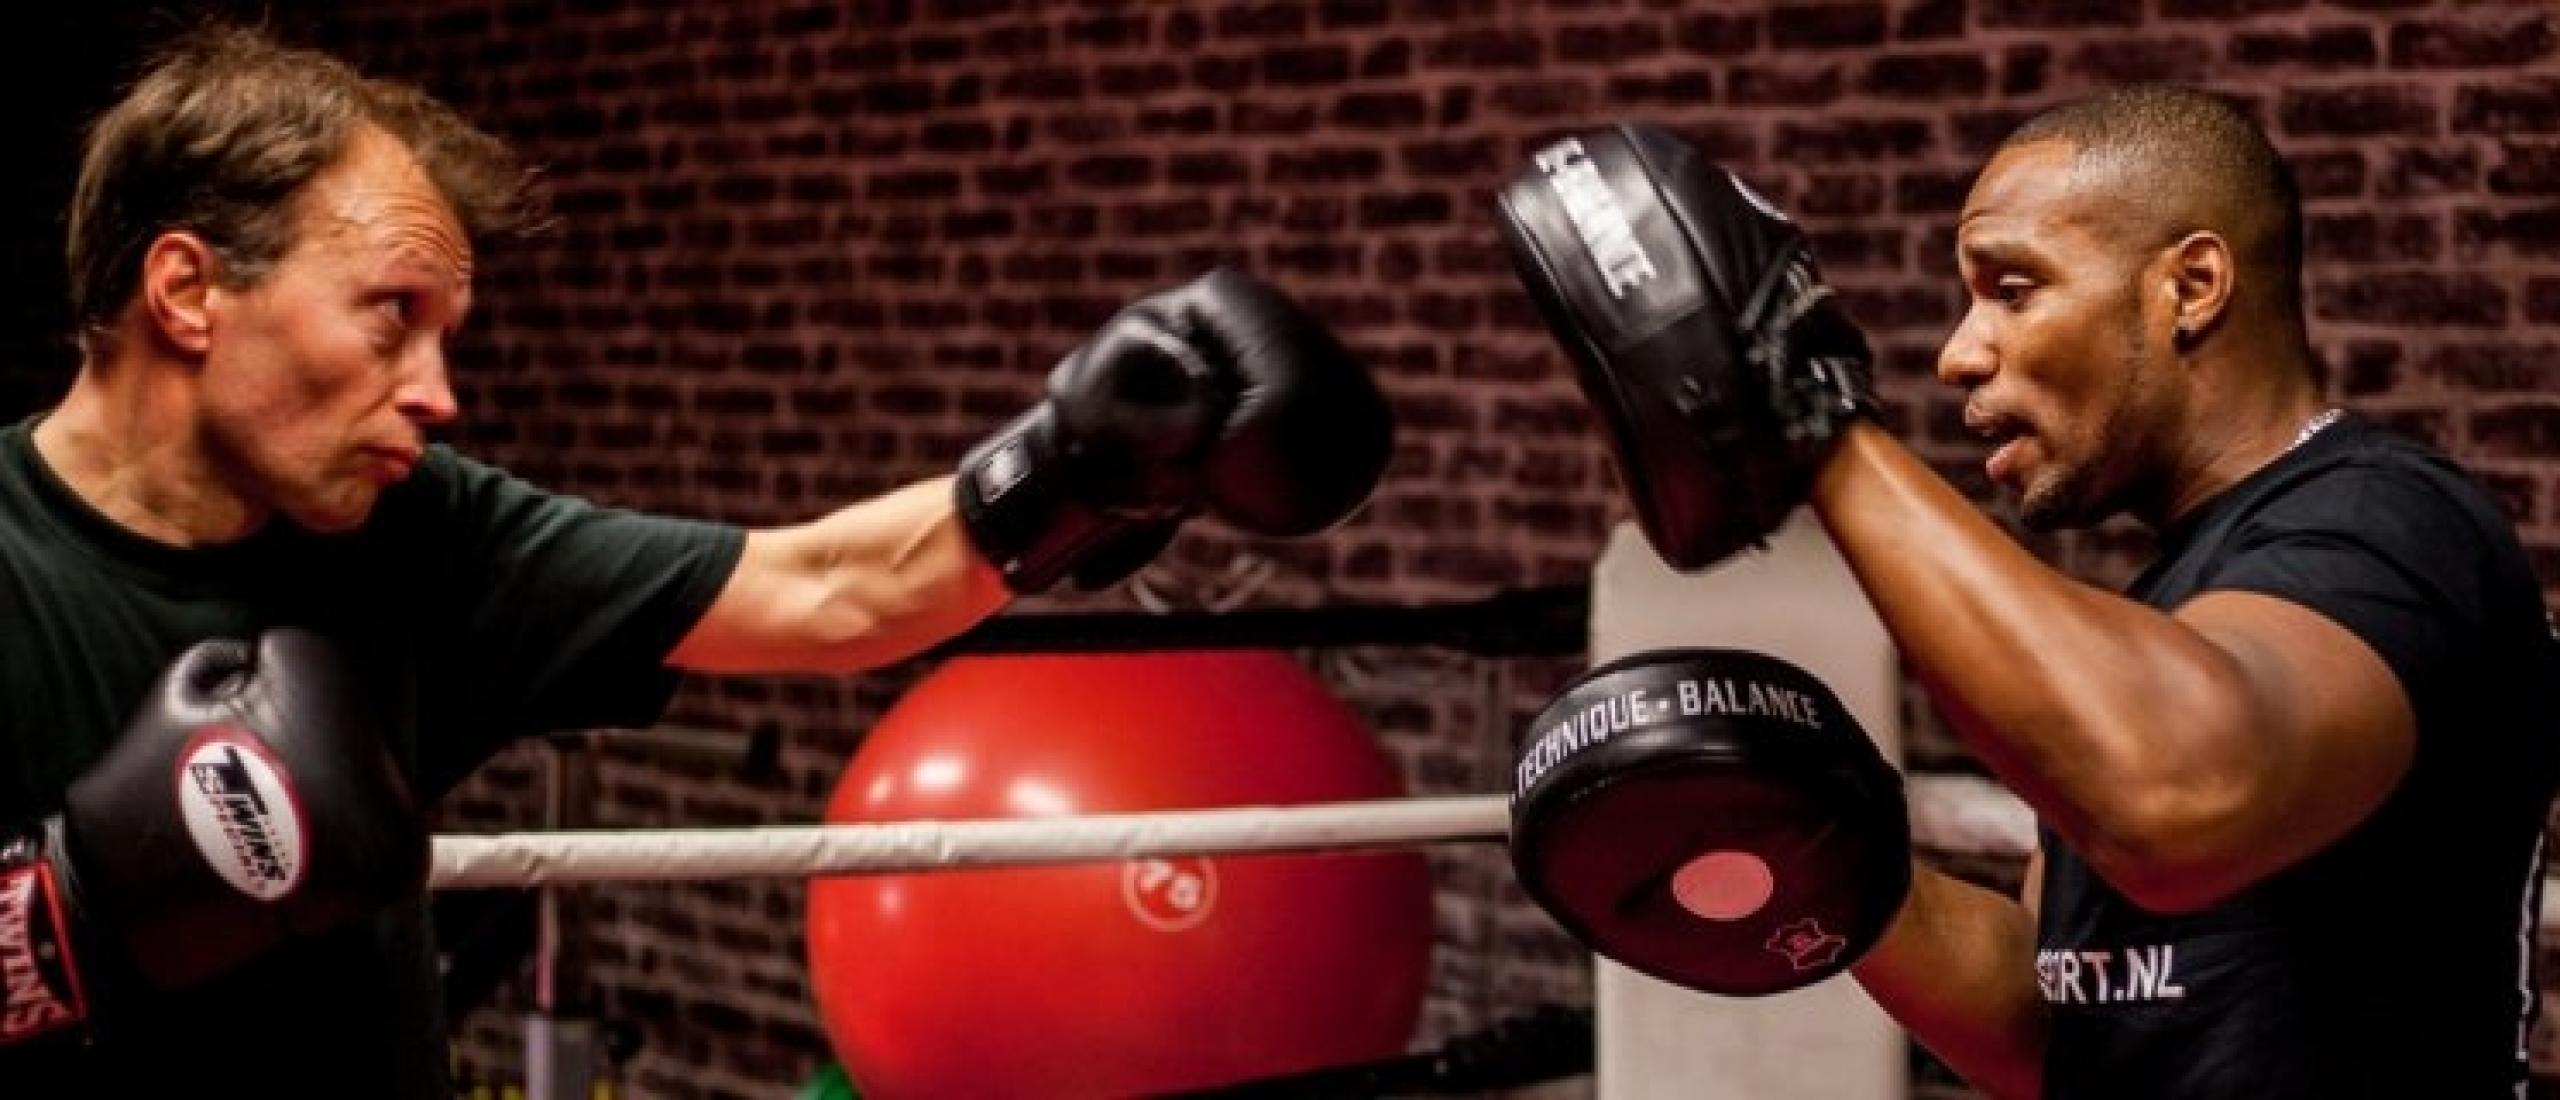 Personal trainer kickboksen: Zo ga jij resultaat bereiken